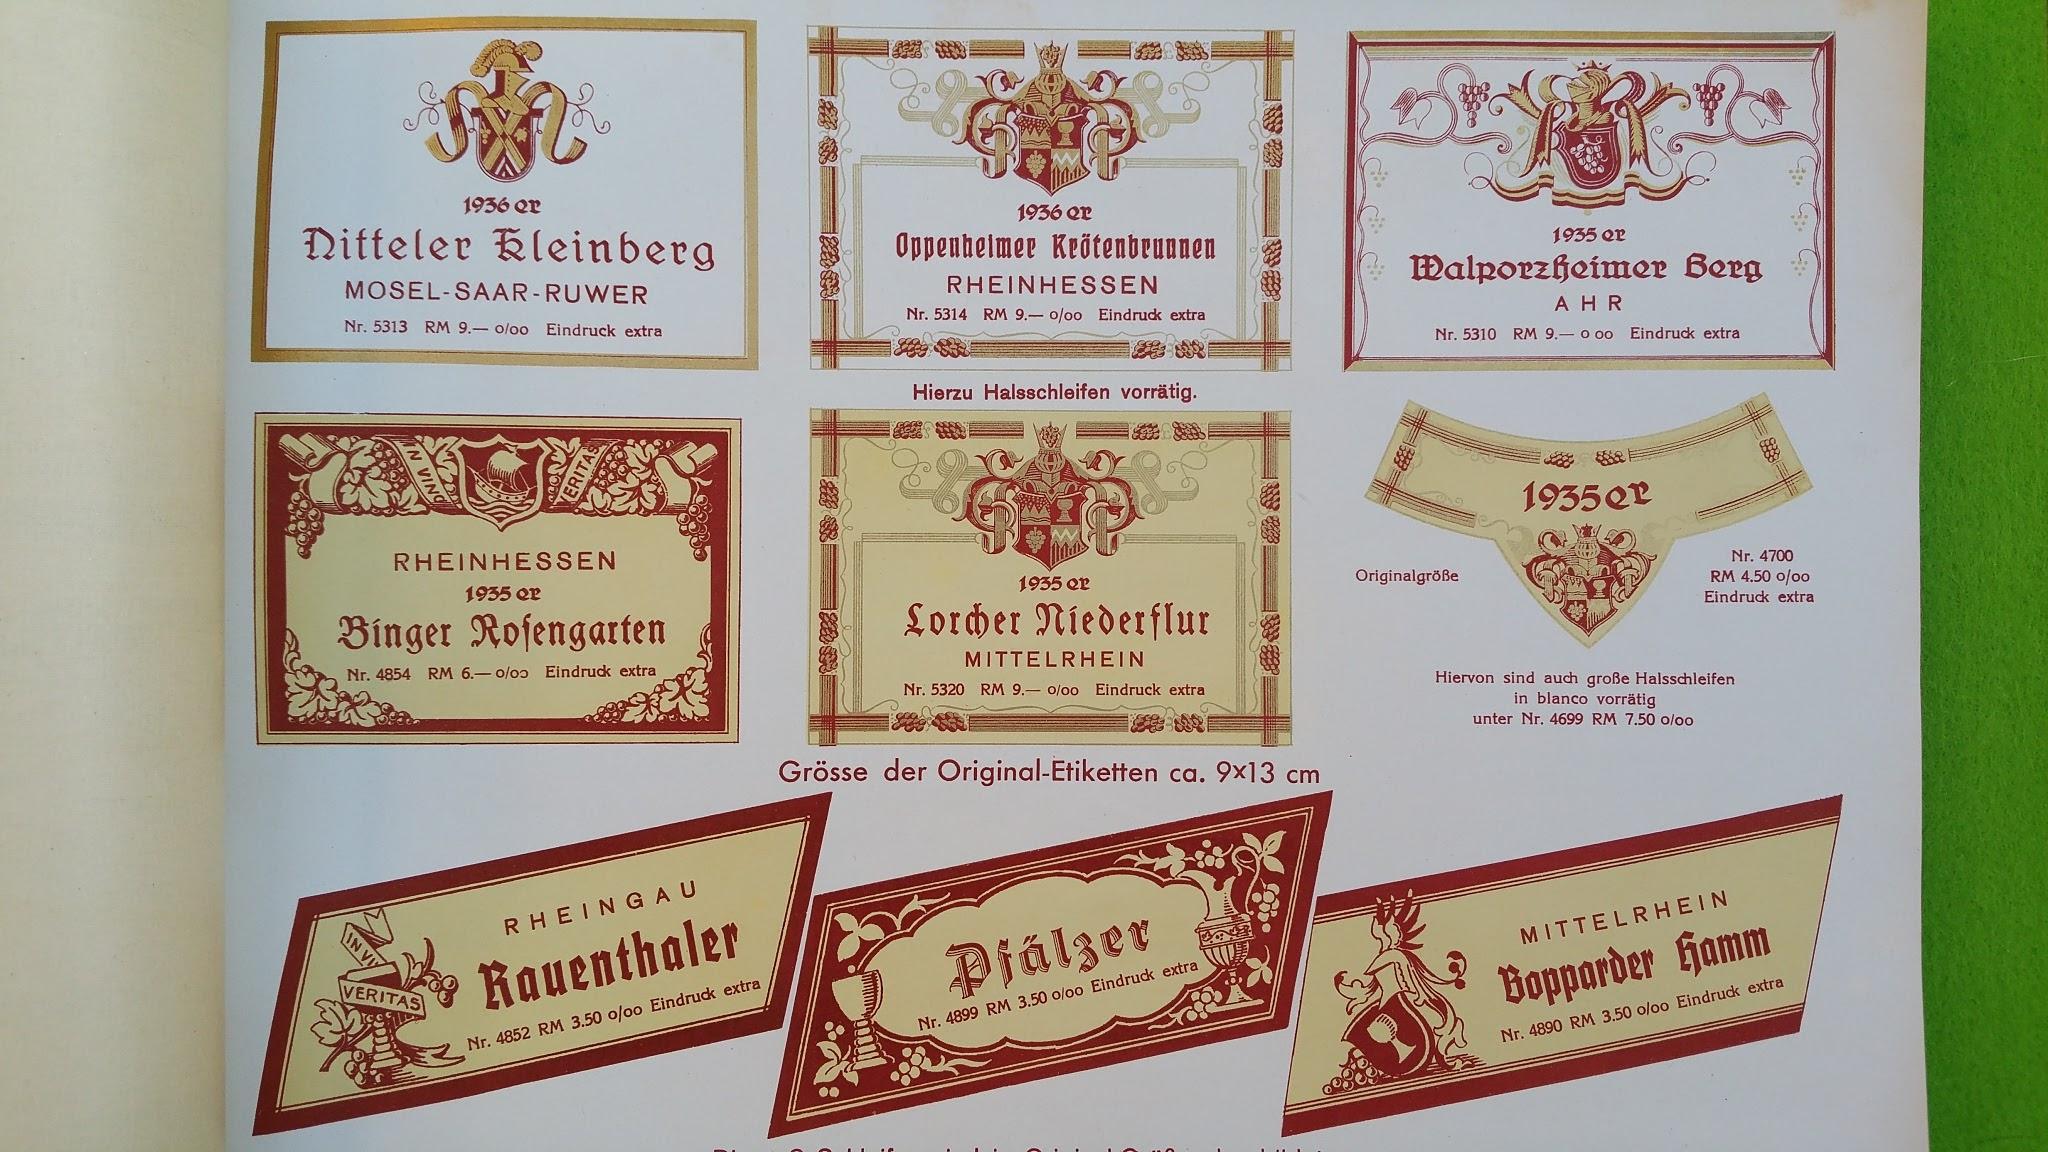 Etikettenfabrik Goetz & Müller Berlin, Neue Schönhauser Str. 20 - Etikettenkatalog 1938